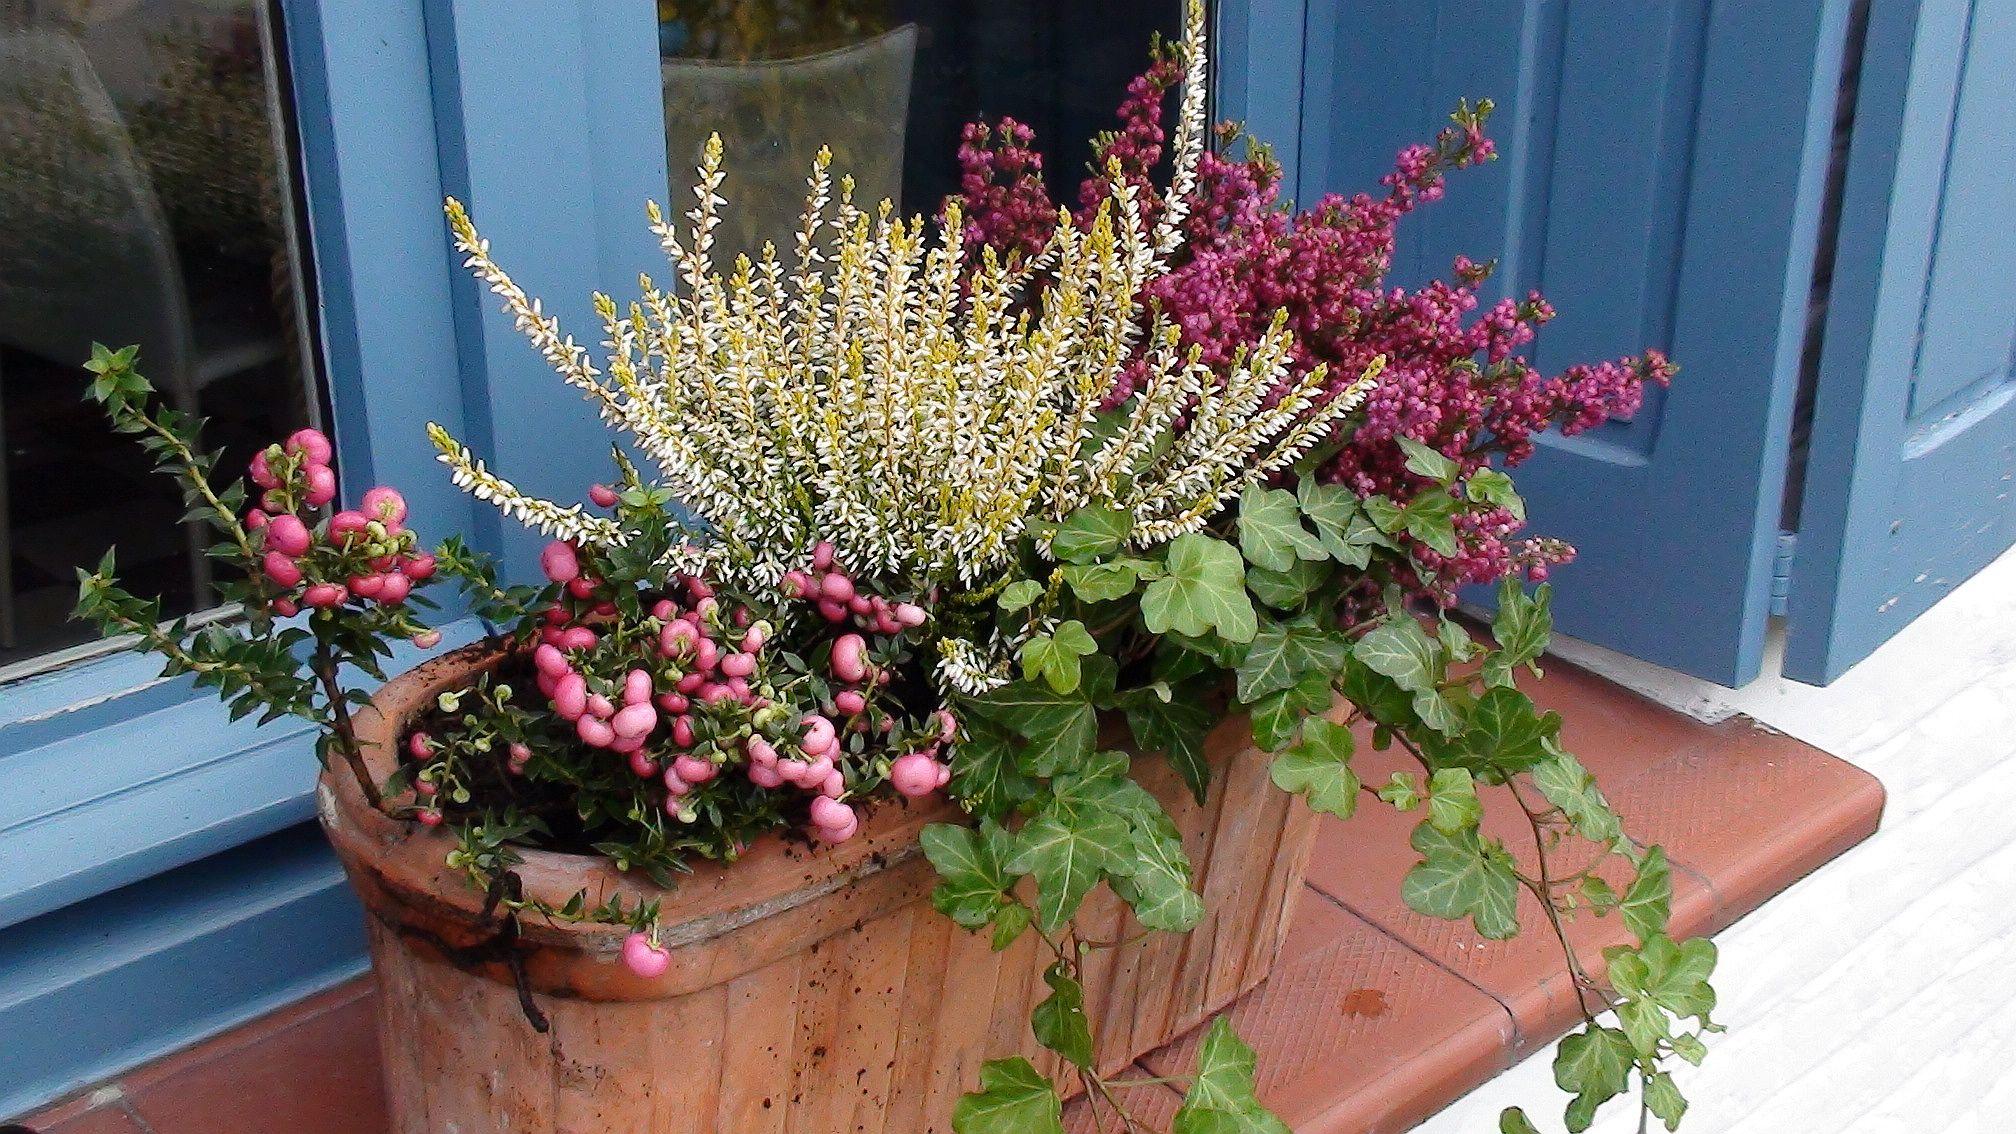 jardini re d automne couleurs petit prix balcony pinterest petit prix jardini res et. Black Bedroom Furniture Sets. Home Design Ideas